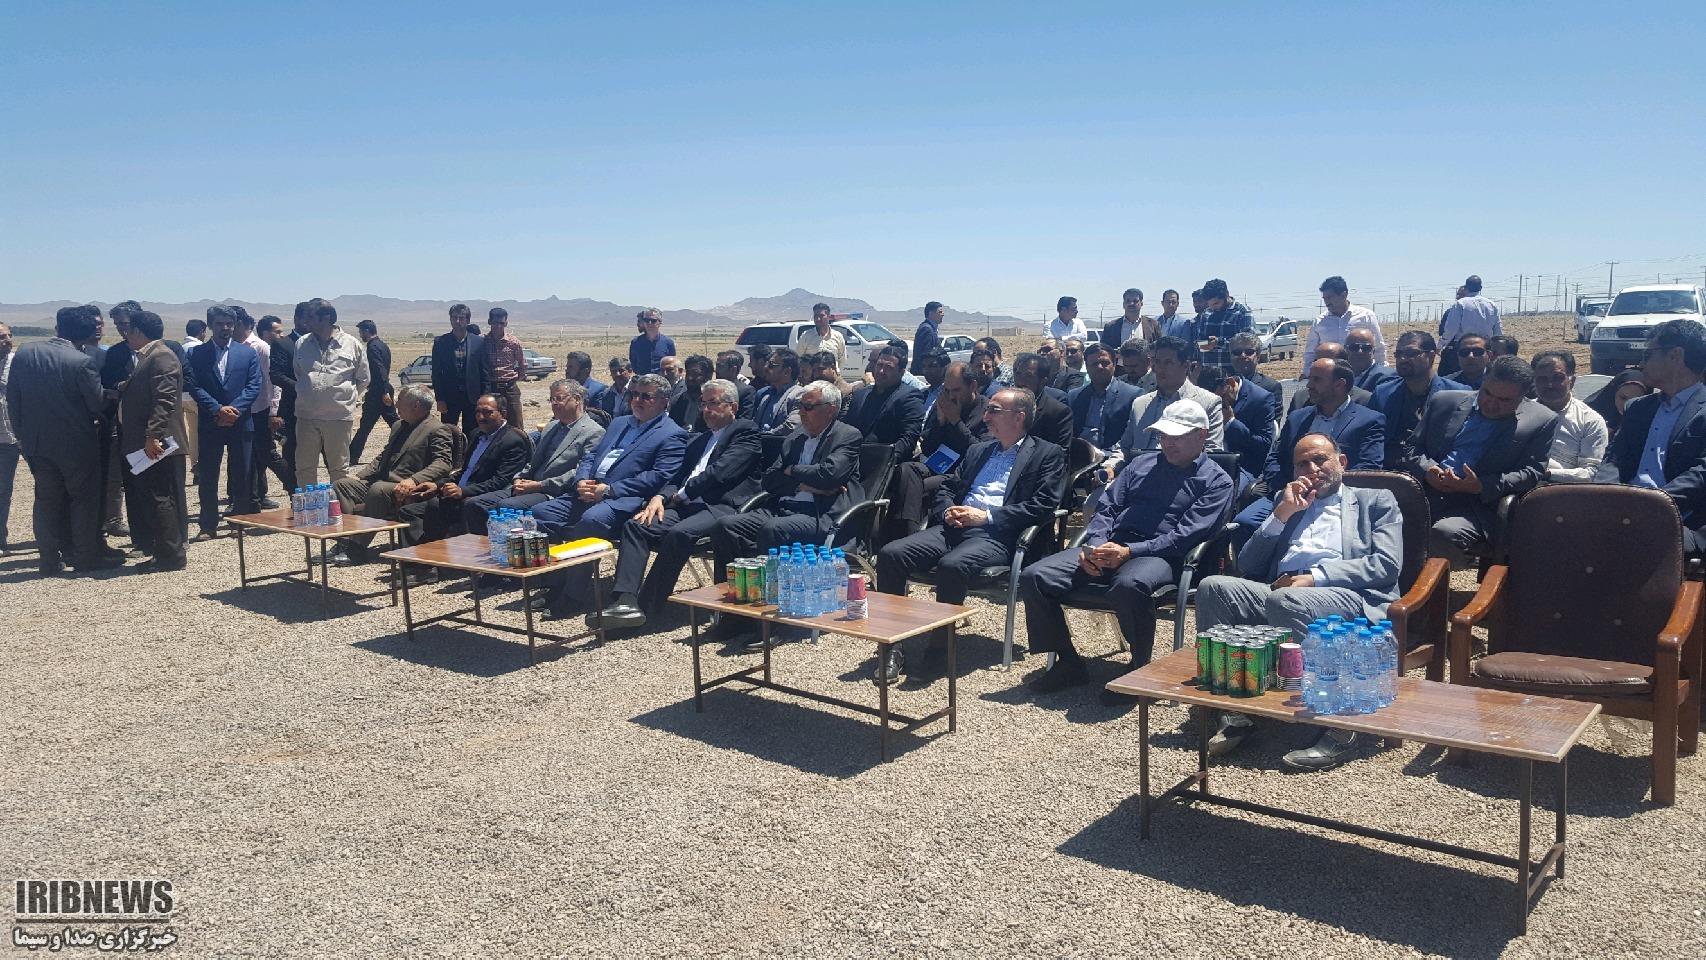 بهره برداری از 165 طرح برق رسانی در خراسان جنوبی